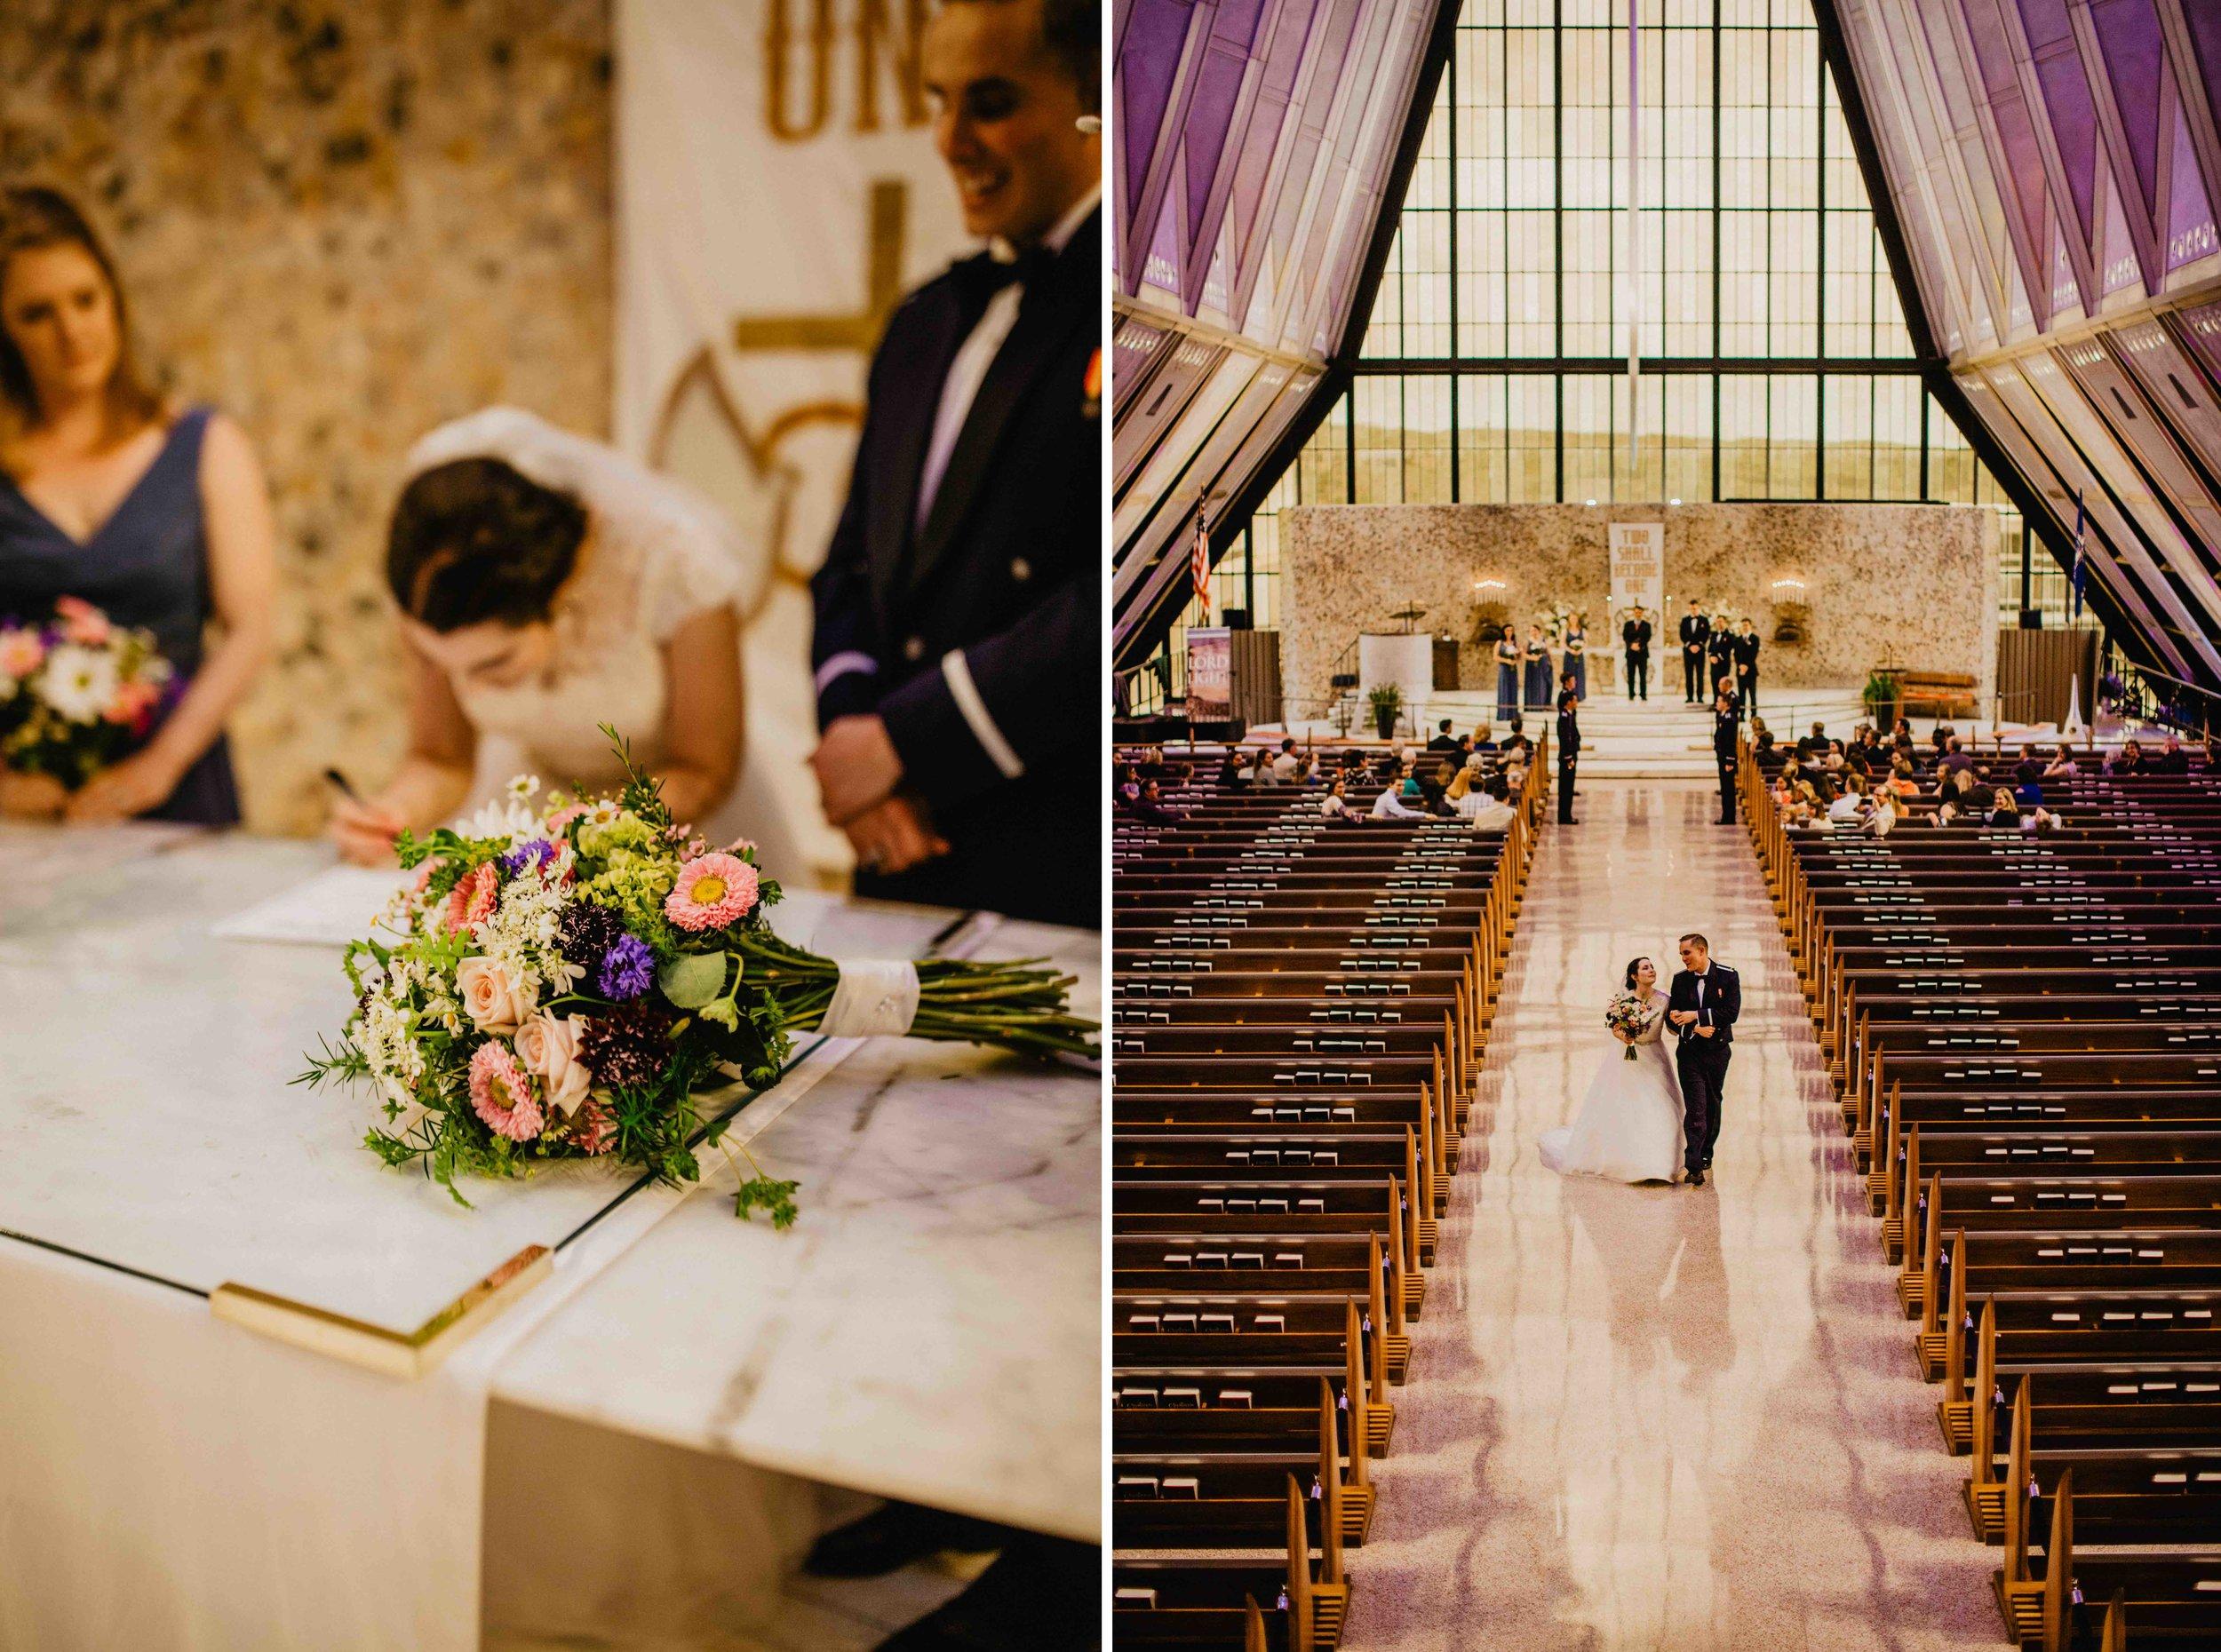 4W7A9811-colorado-wedding-photographer-denver-springs-vail--colorado-wedding-photographer-denver-springs-vail-.jpeg